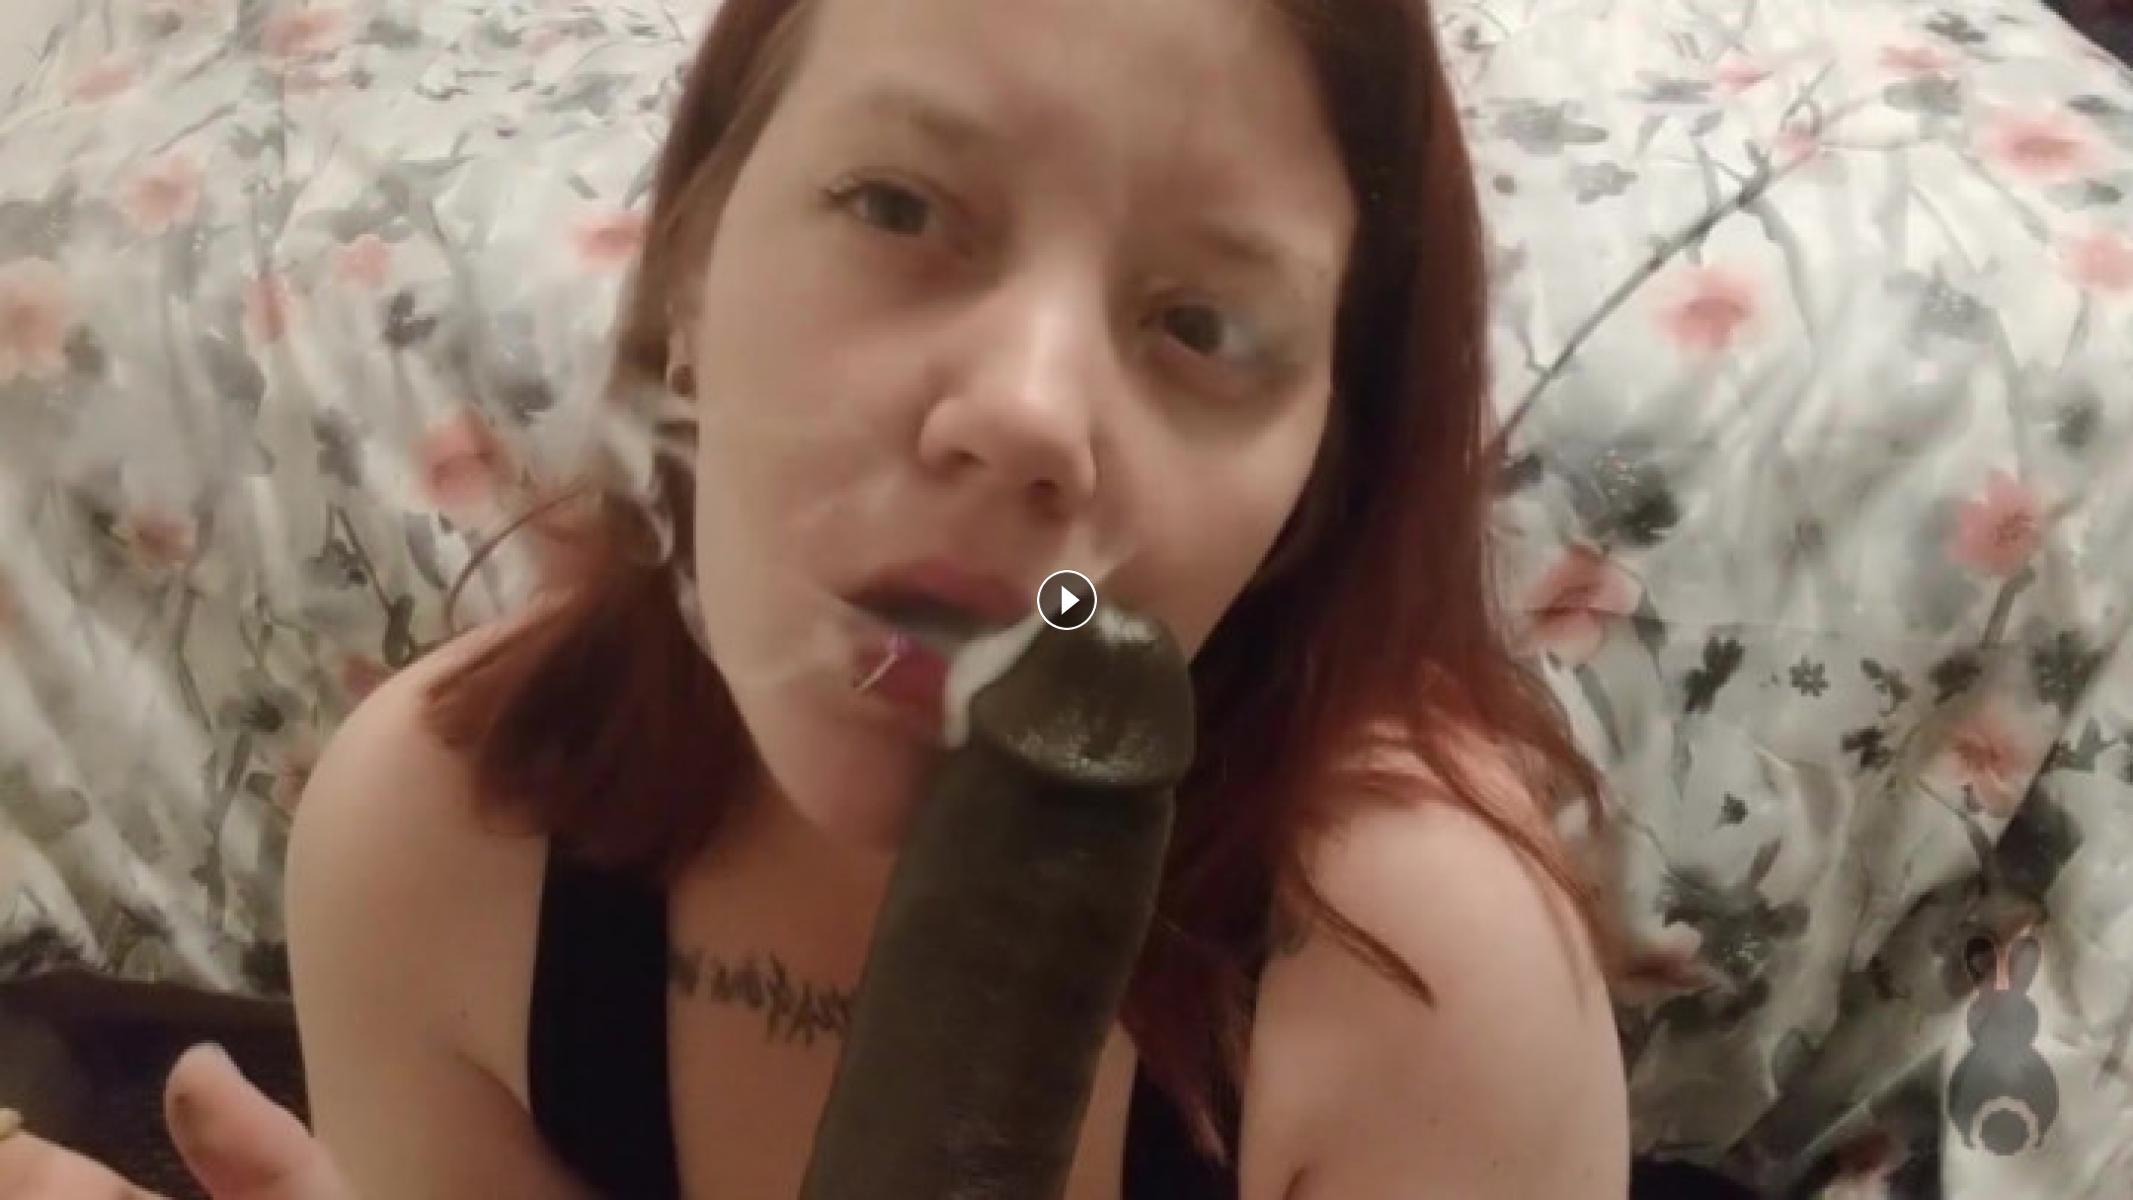 Gfe blowjob